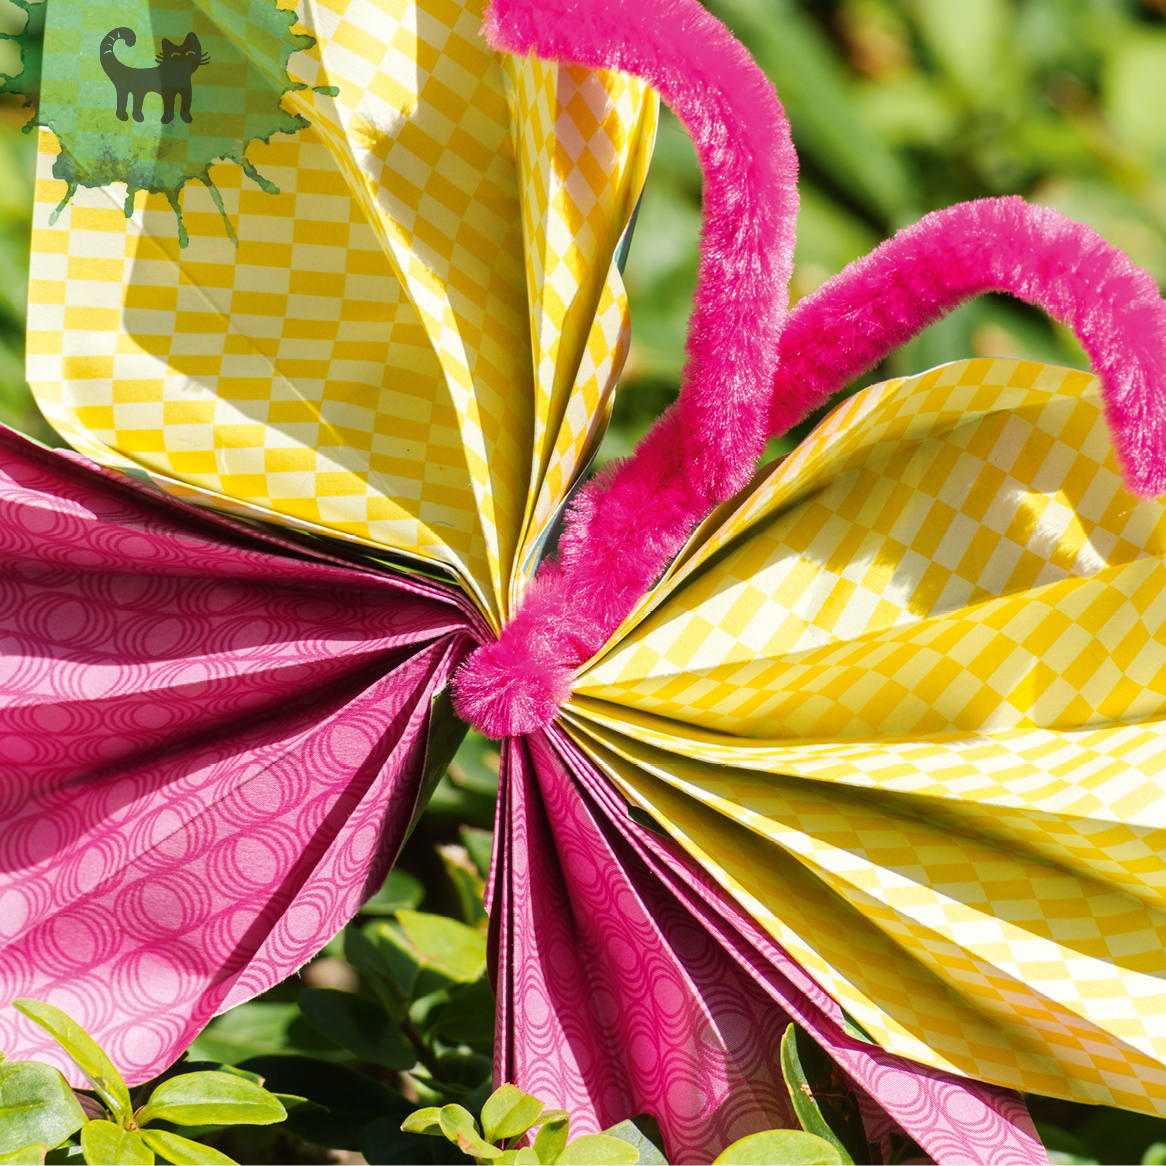 Leuchtende Pfeifenputzer Schmetterlinge Ein Bunter